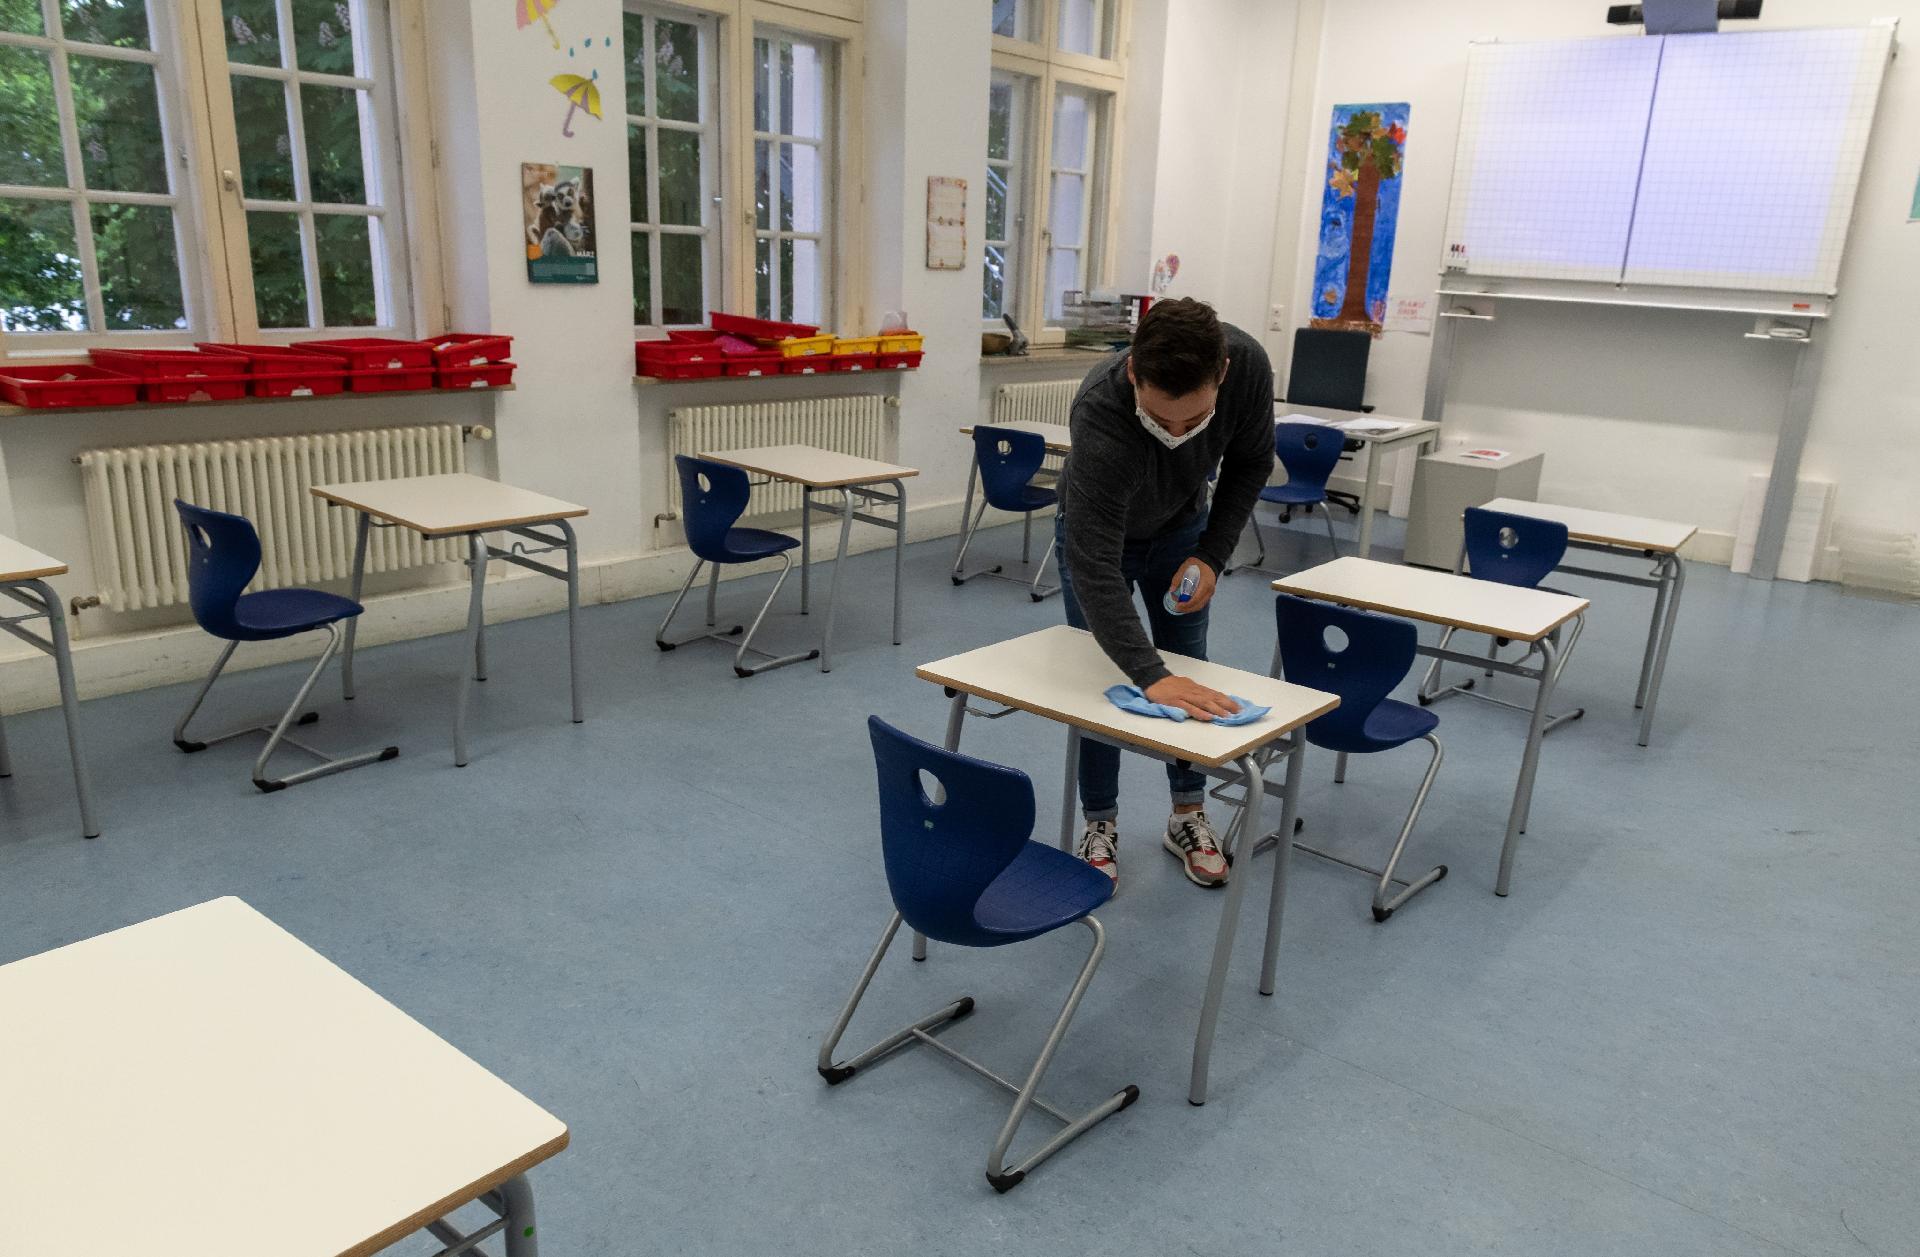 Crianças voltam progressivamente às escolas na maioria dos países ...